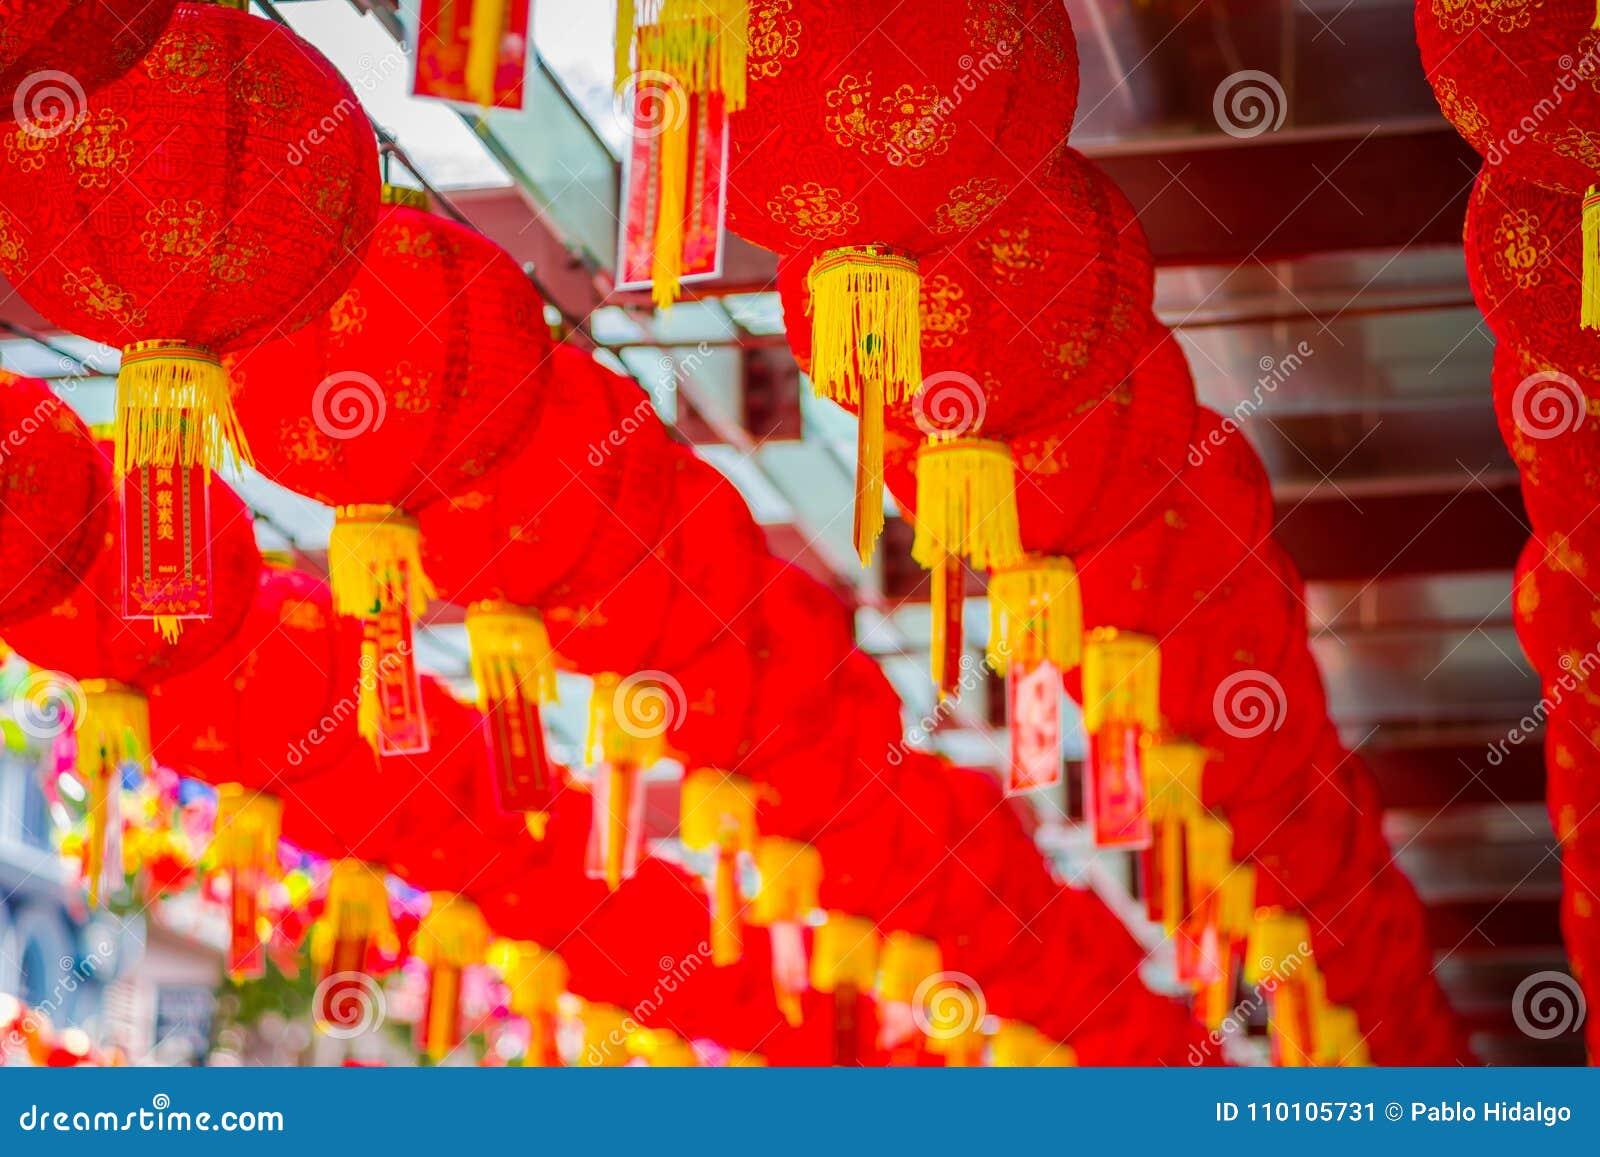 Закройте вверх декоративных фонариков разбросанных вокруг Чайна-тауна, Сингапура Новый Год ` s Китая Год собаки Принятые фото